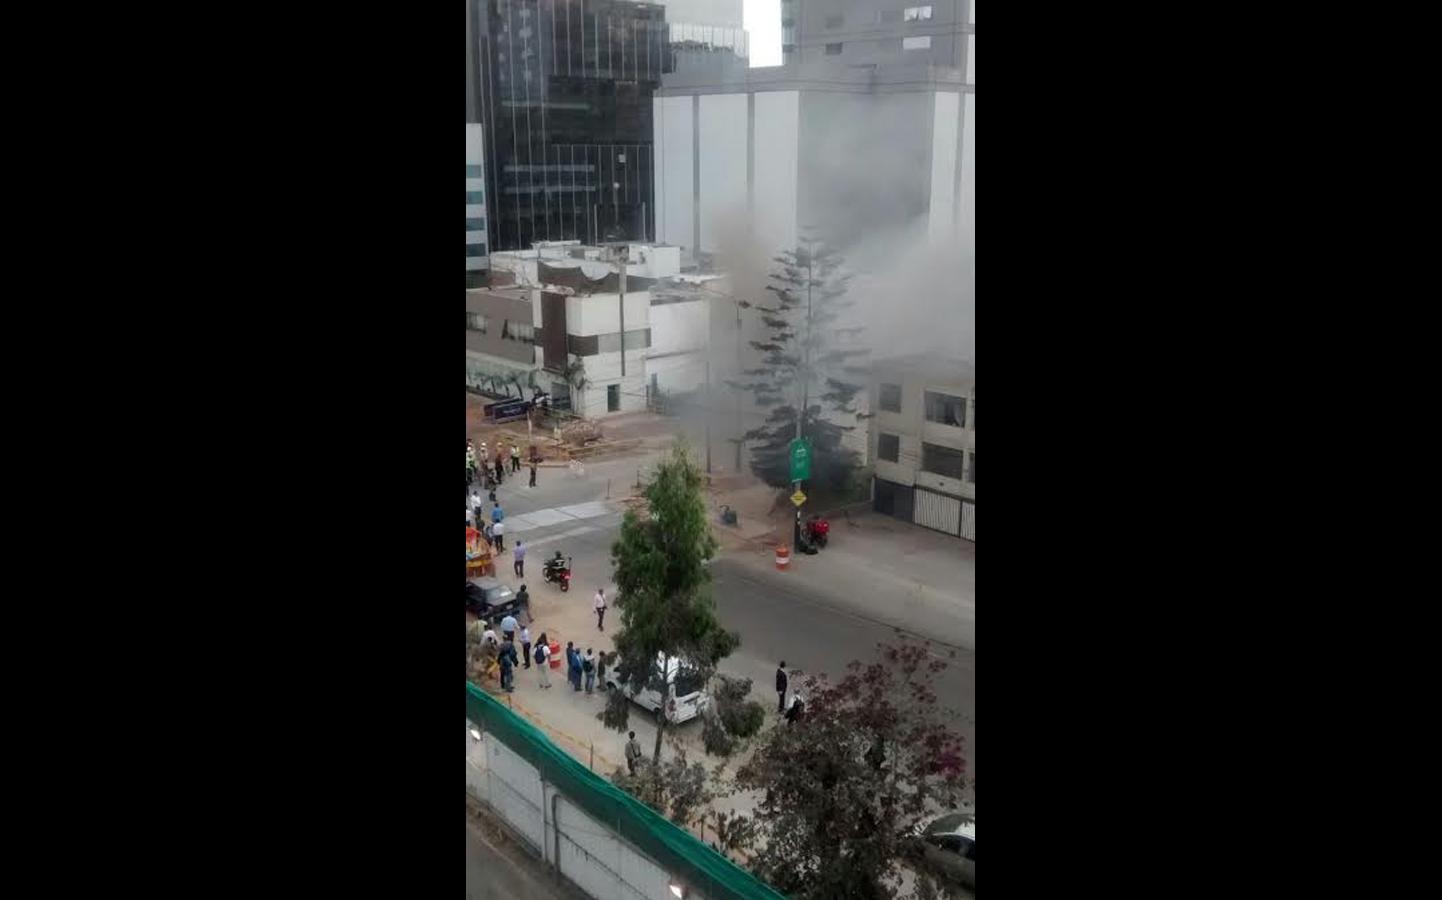 Otros edificios fueron evacuados por temor a más explosiones. (Foto: WhatsApp/El Comercio)